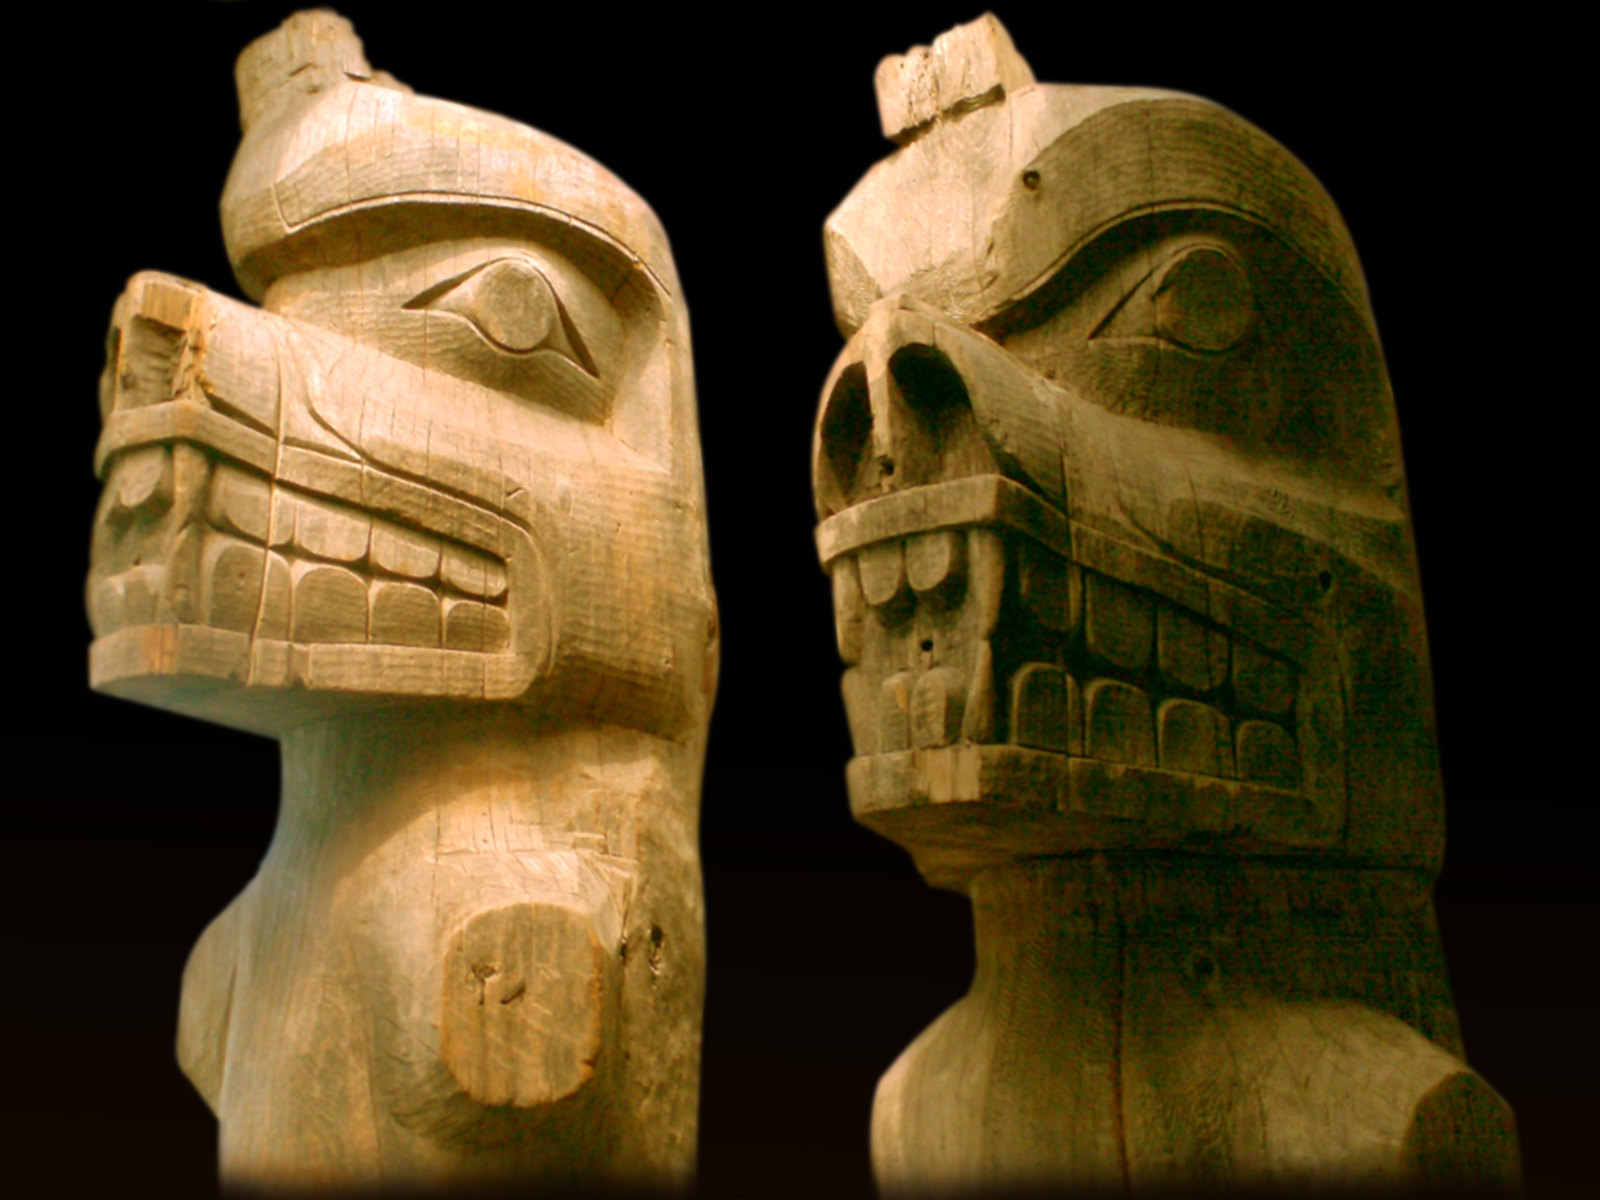 Museo de Antropología, Universidad de Columbia Británica